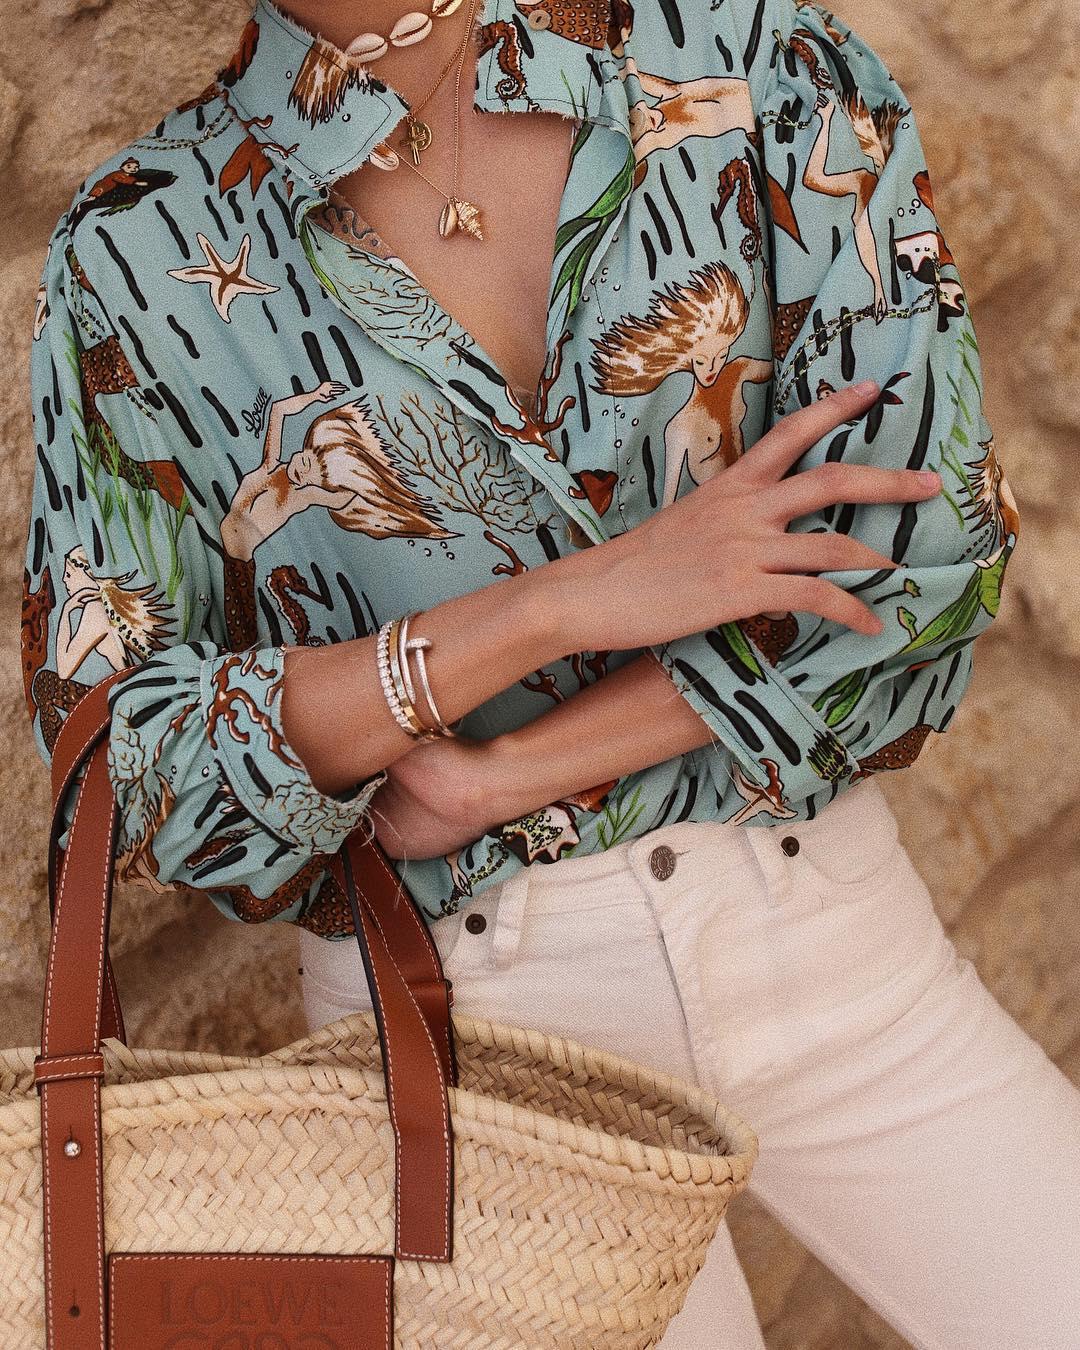 Cô gái mặc áo in họa tiết mùa Hè, đeo vòng tay và dây chuyền vàng